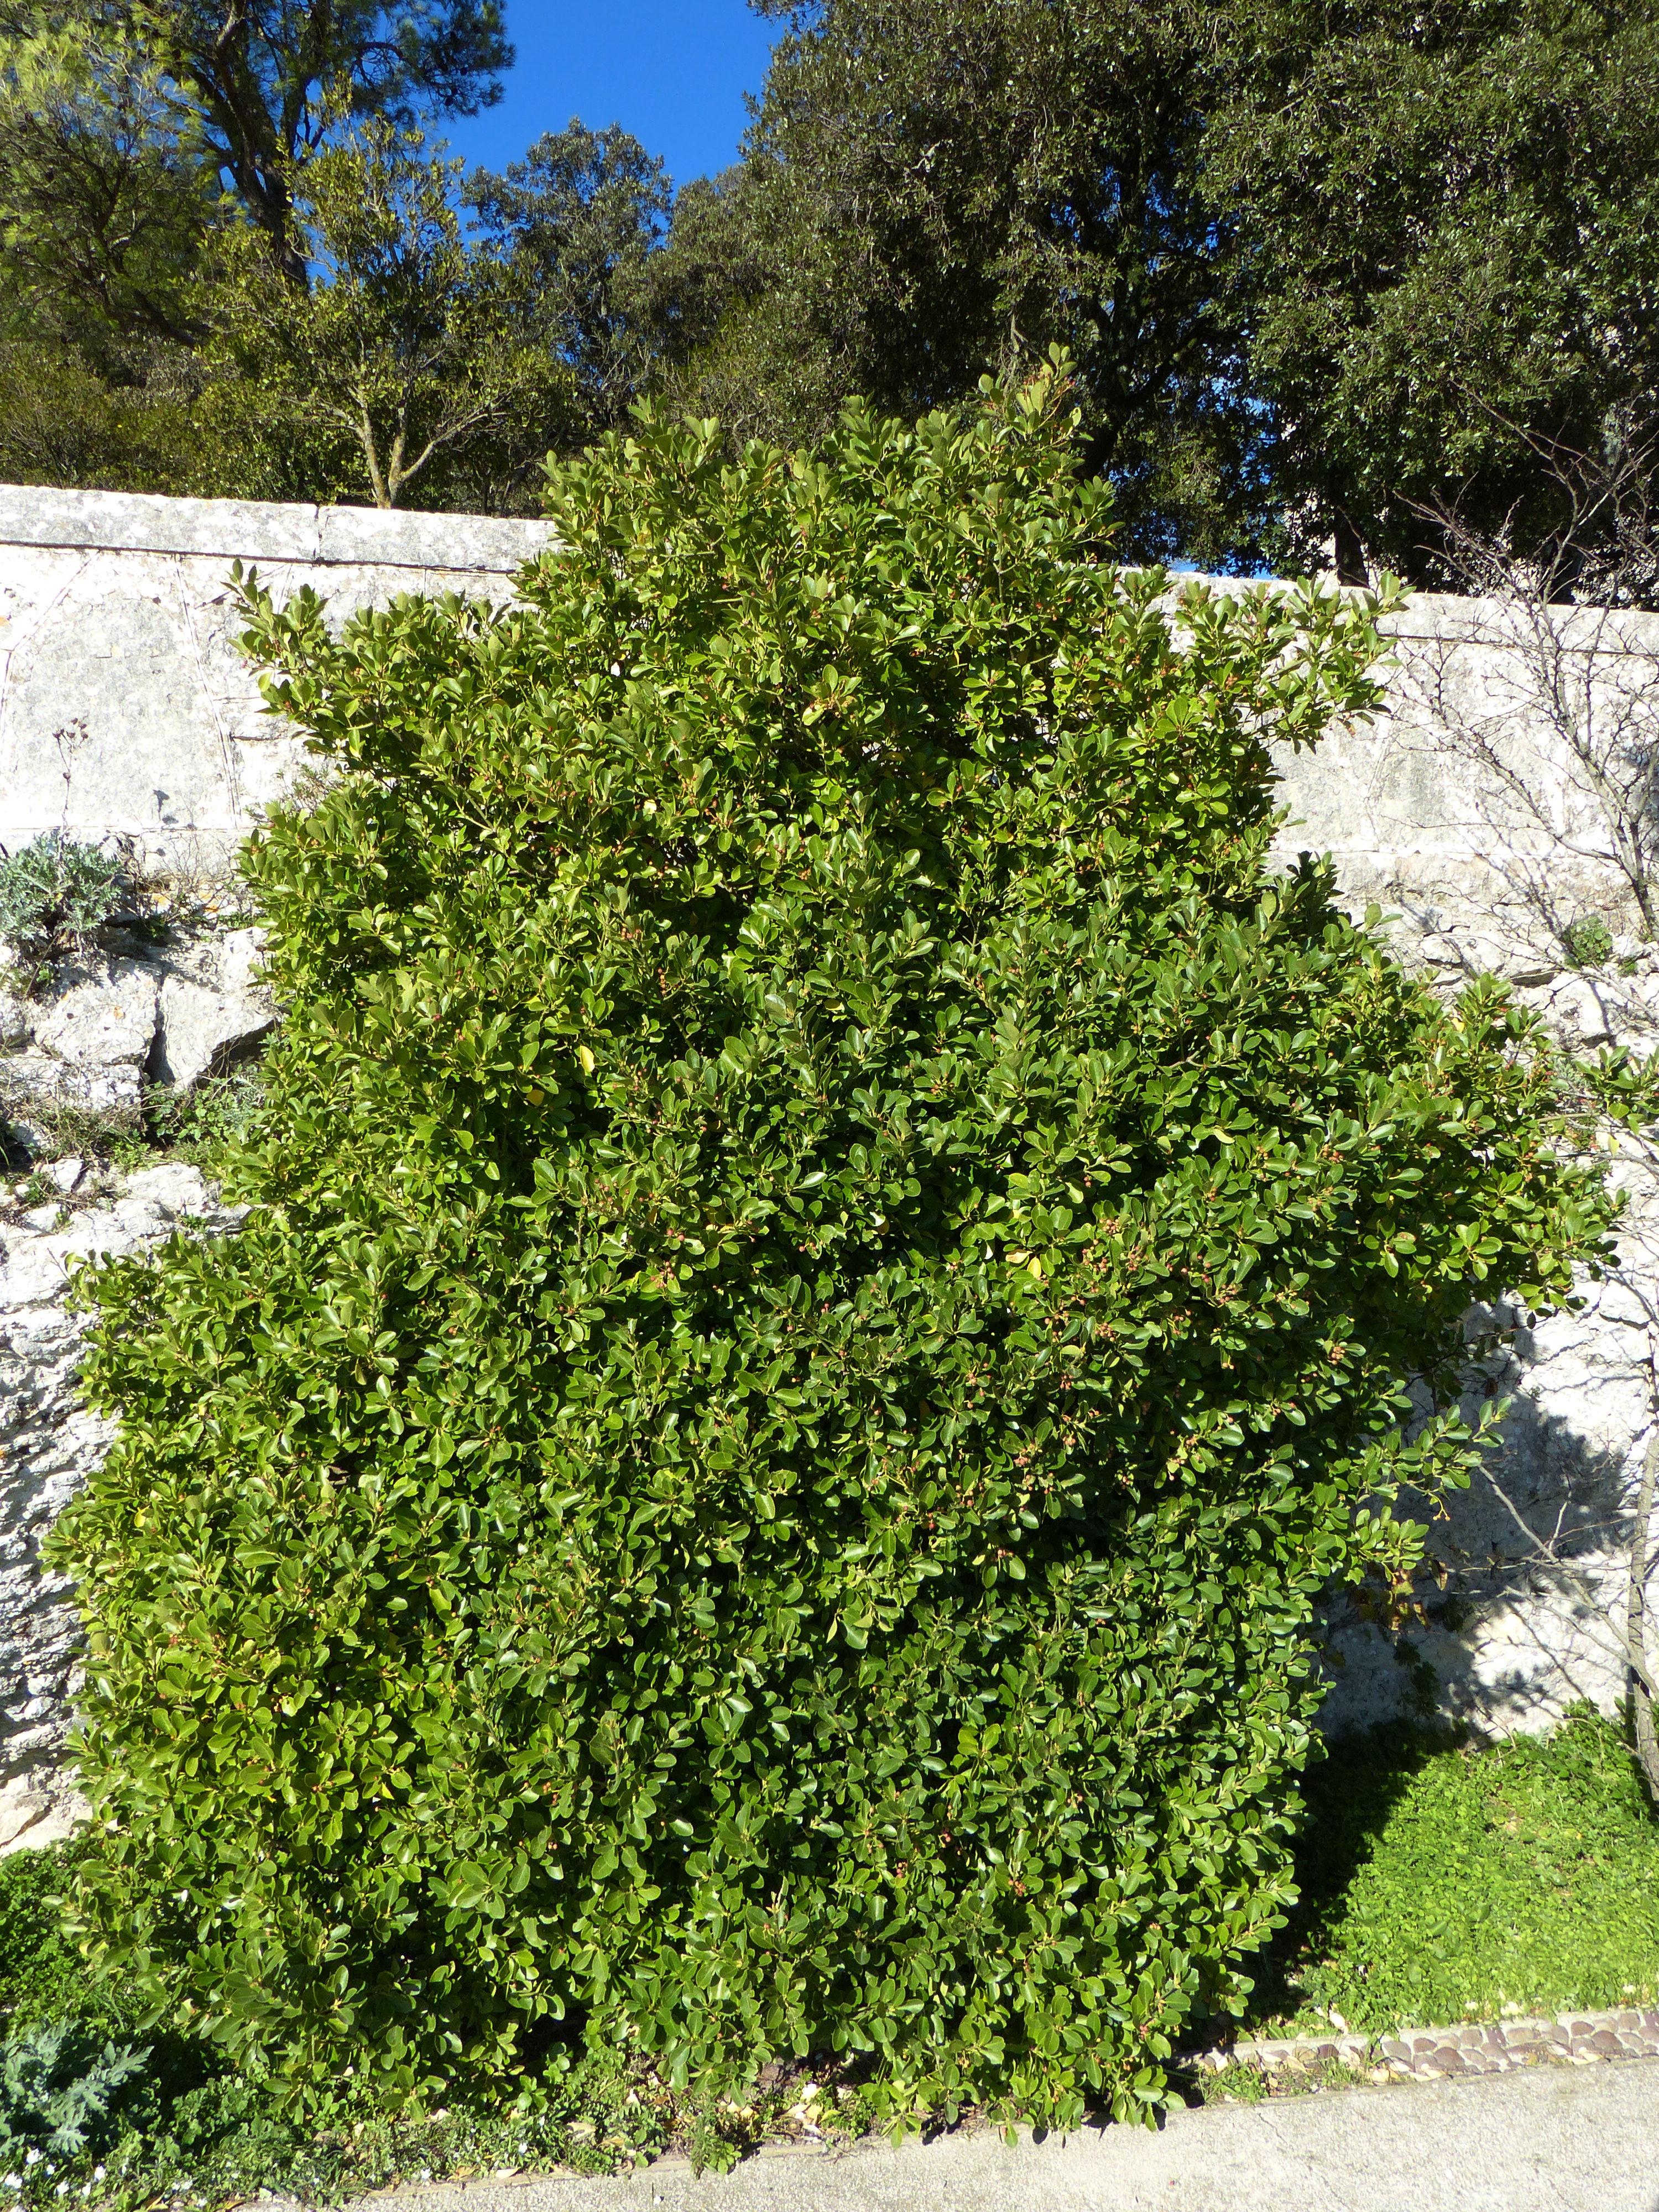 © Dipartimento di Scienze della Vita, Università di Trieste<br>by Andrea Moro<br>Città di Erice, centro storico, Castello di Venere, TP, Sicilia, Italia, 04/12/2016<br>Distributed under CC-BY-SA 4.0 license.